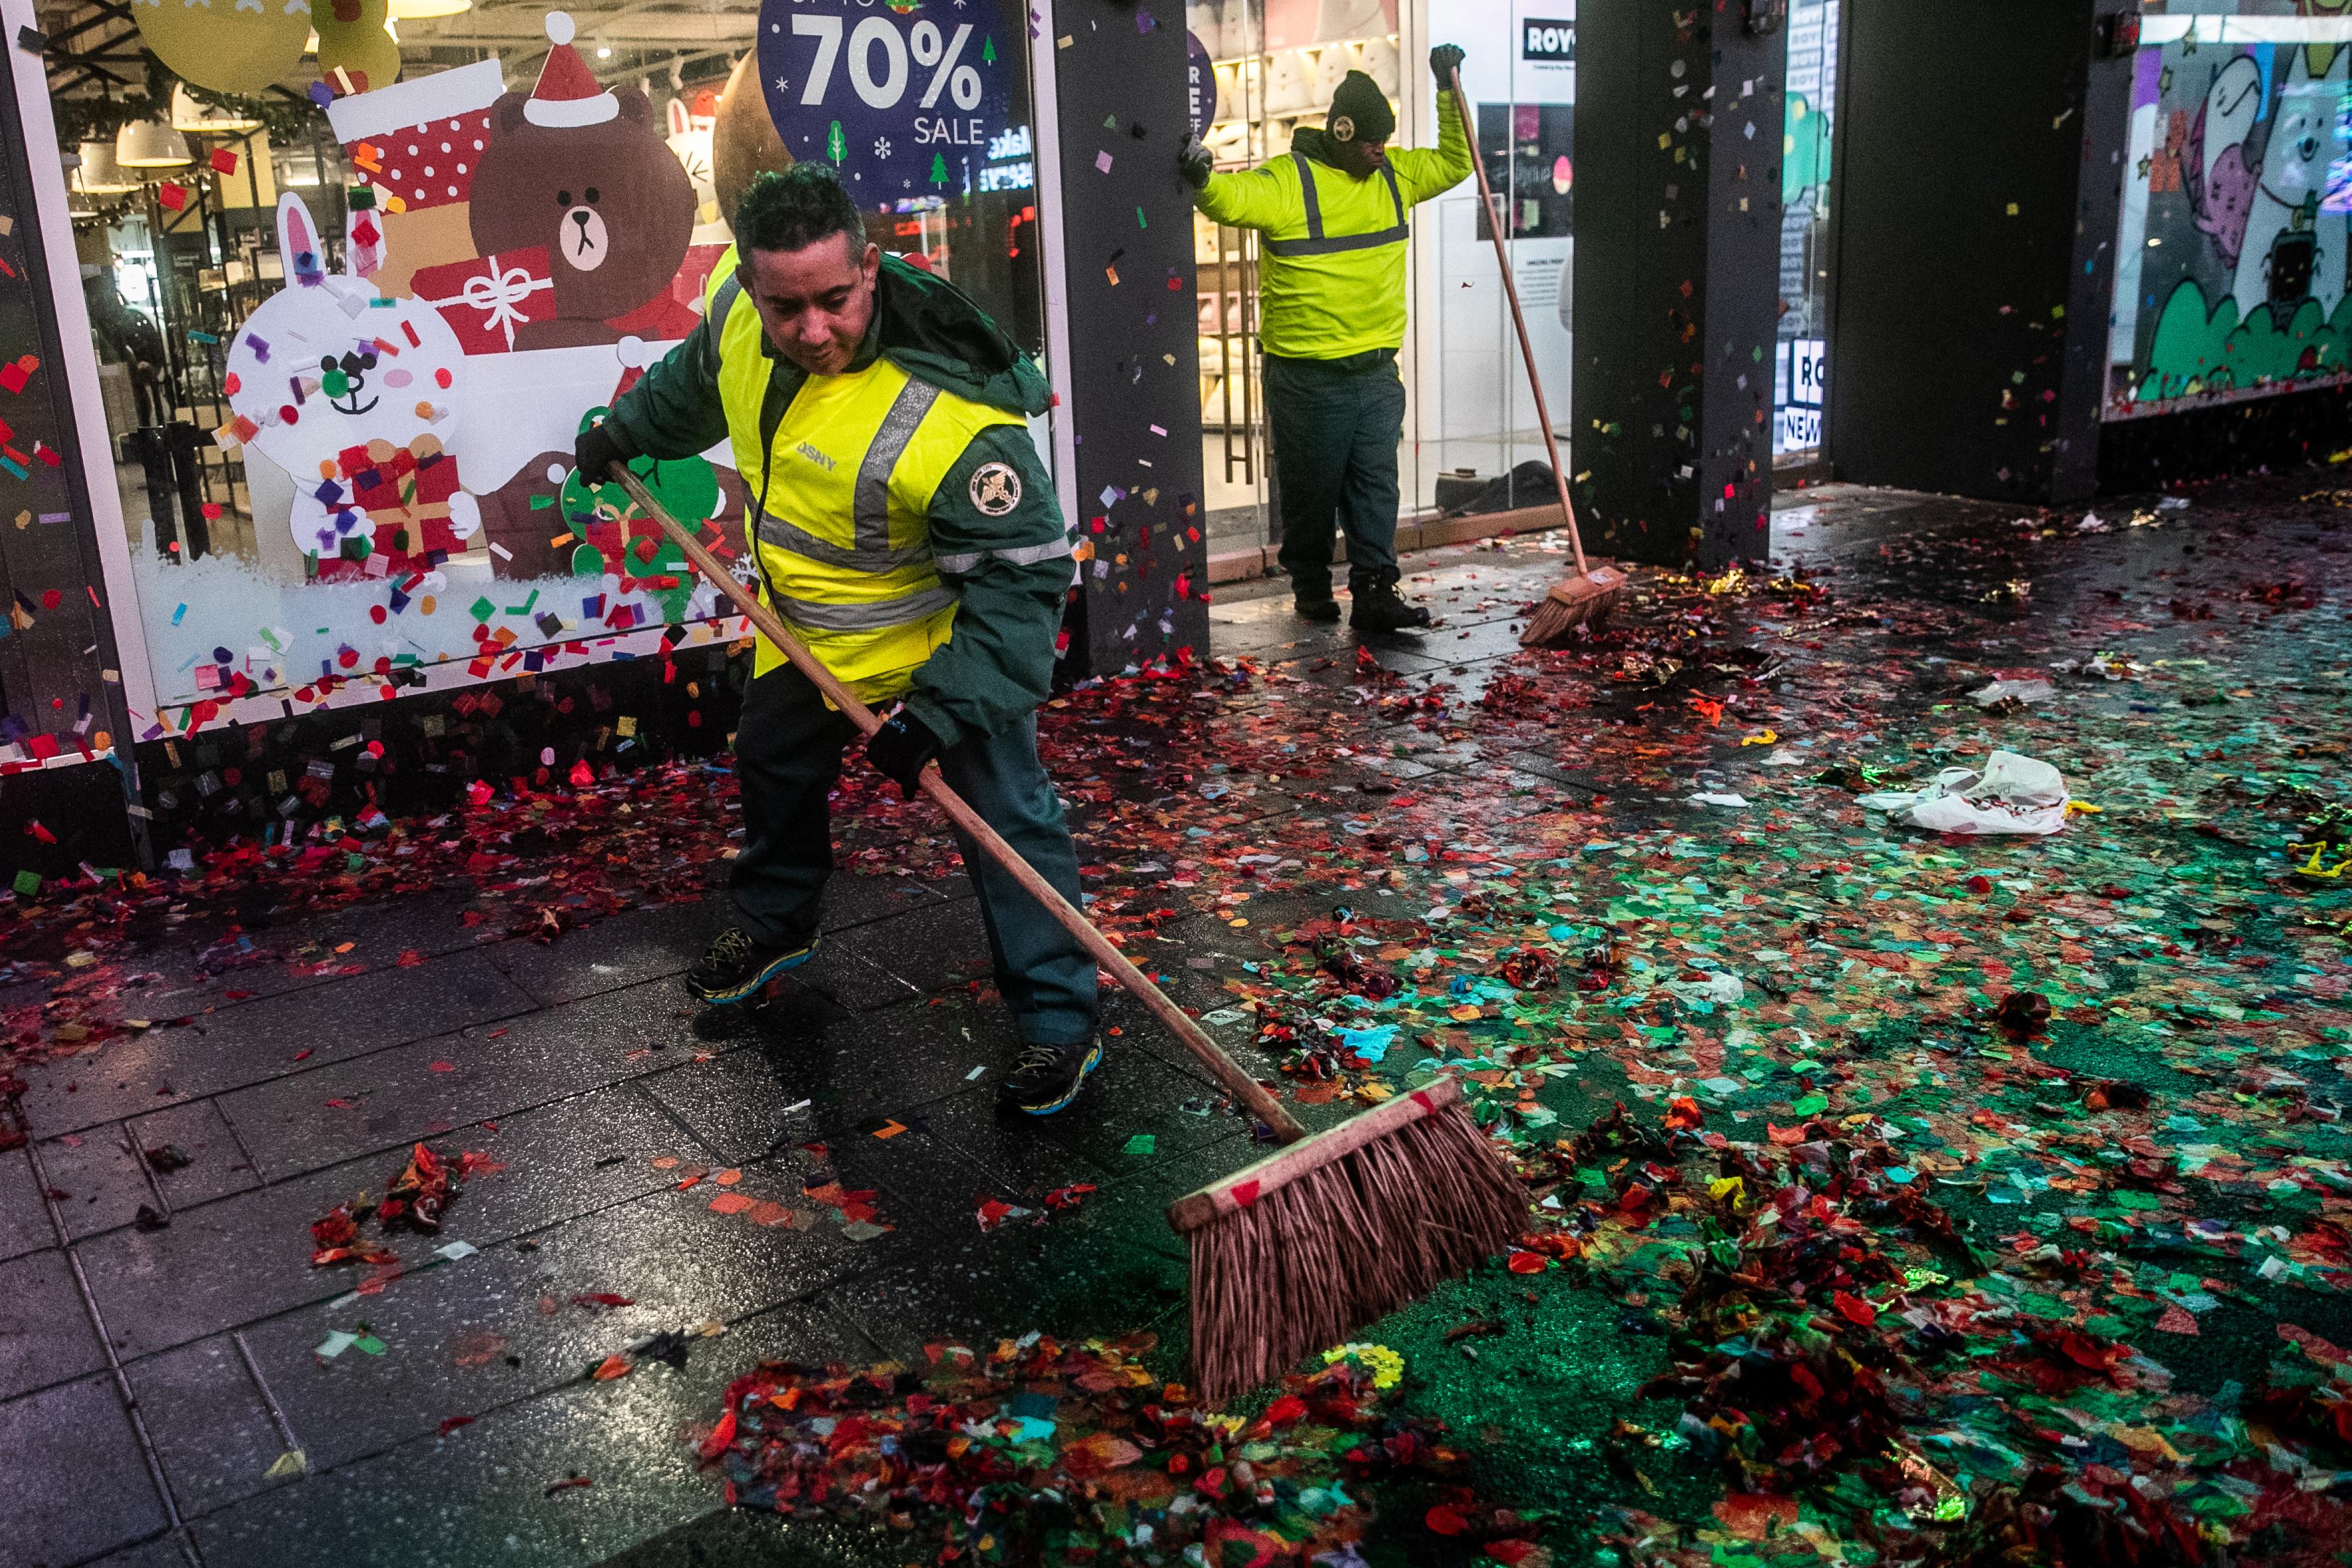 عمال النظافة بعد الانتهاء مع الاحتفال في تايمز سكوير